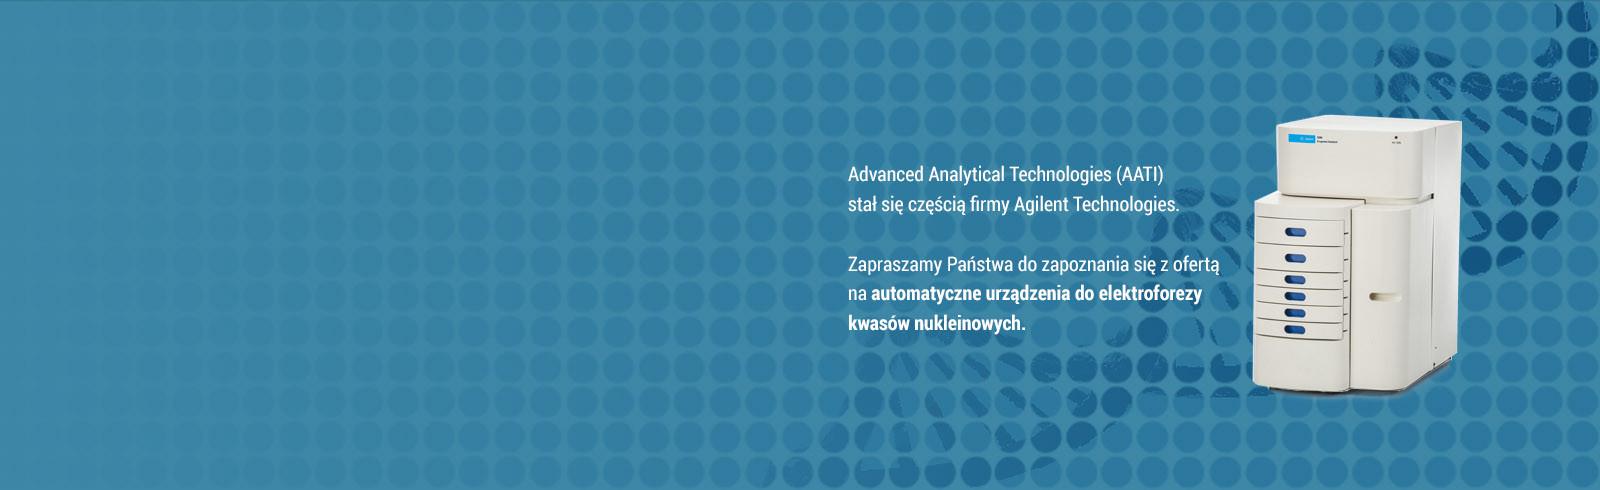 Advanced Analytical Technologies Zobacz szczegóły